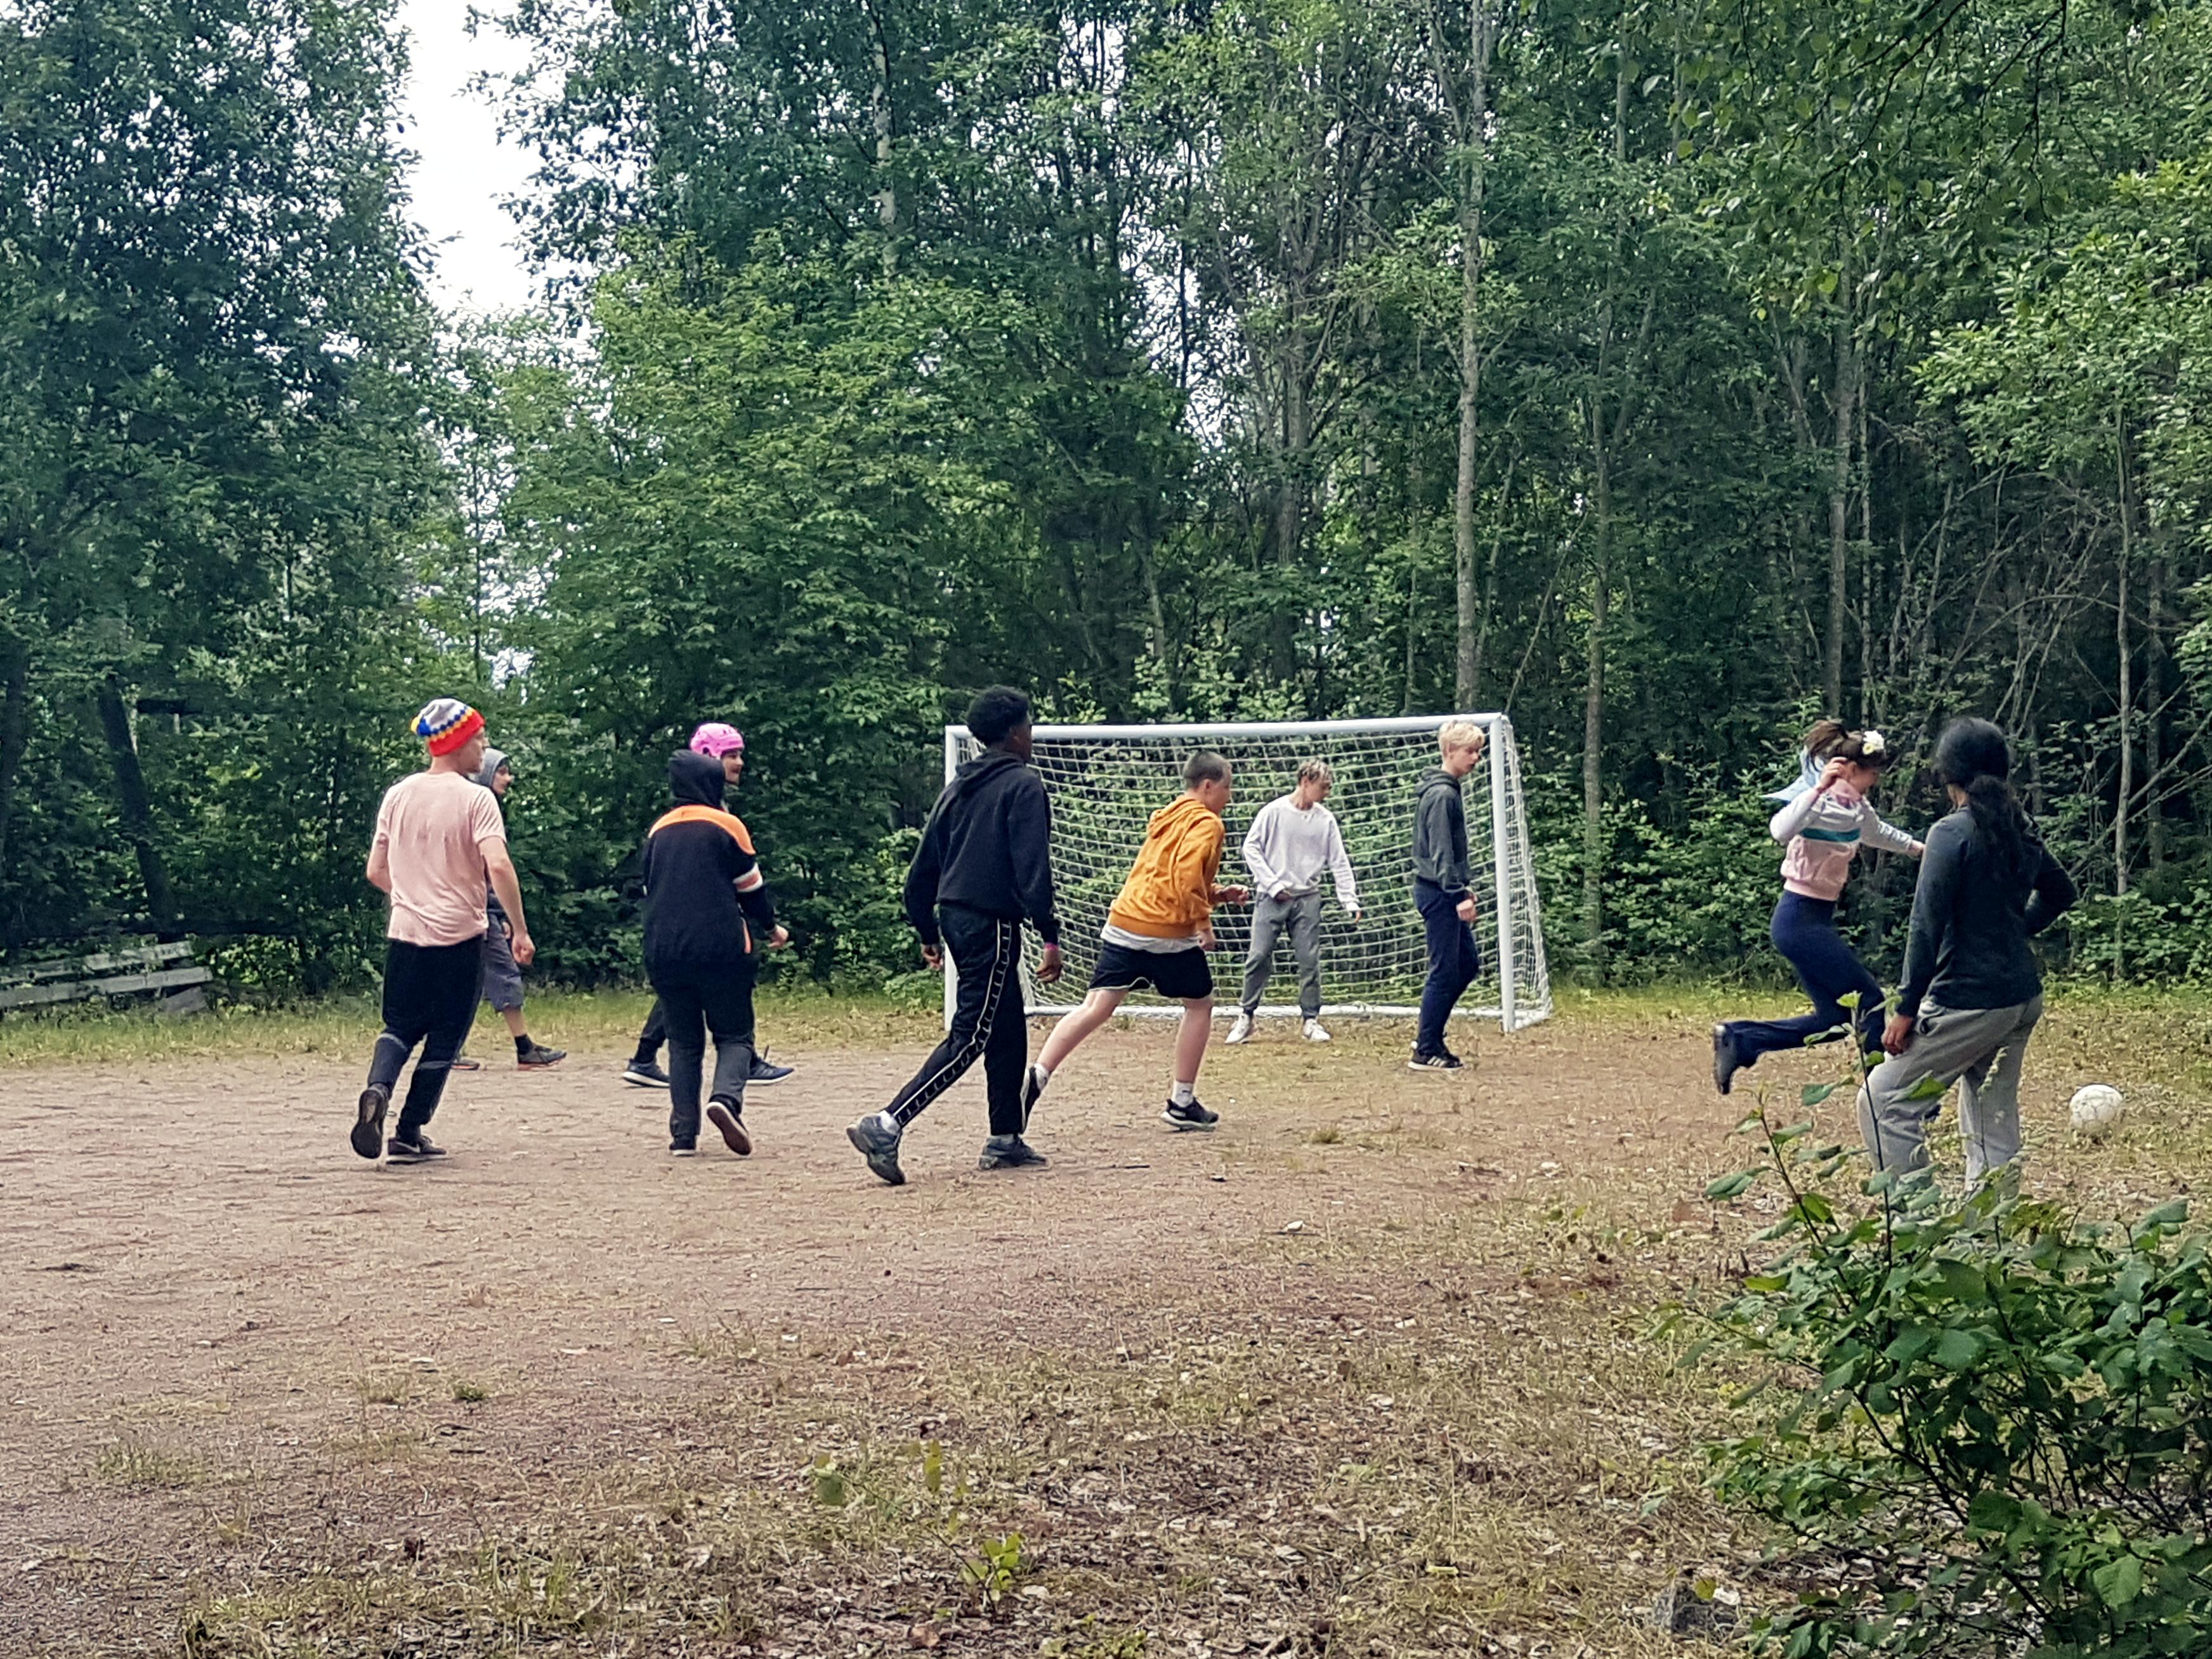 Alakentällä jalkapallomaalit, nuoria pelaamassa jalkapalloa